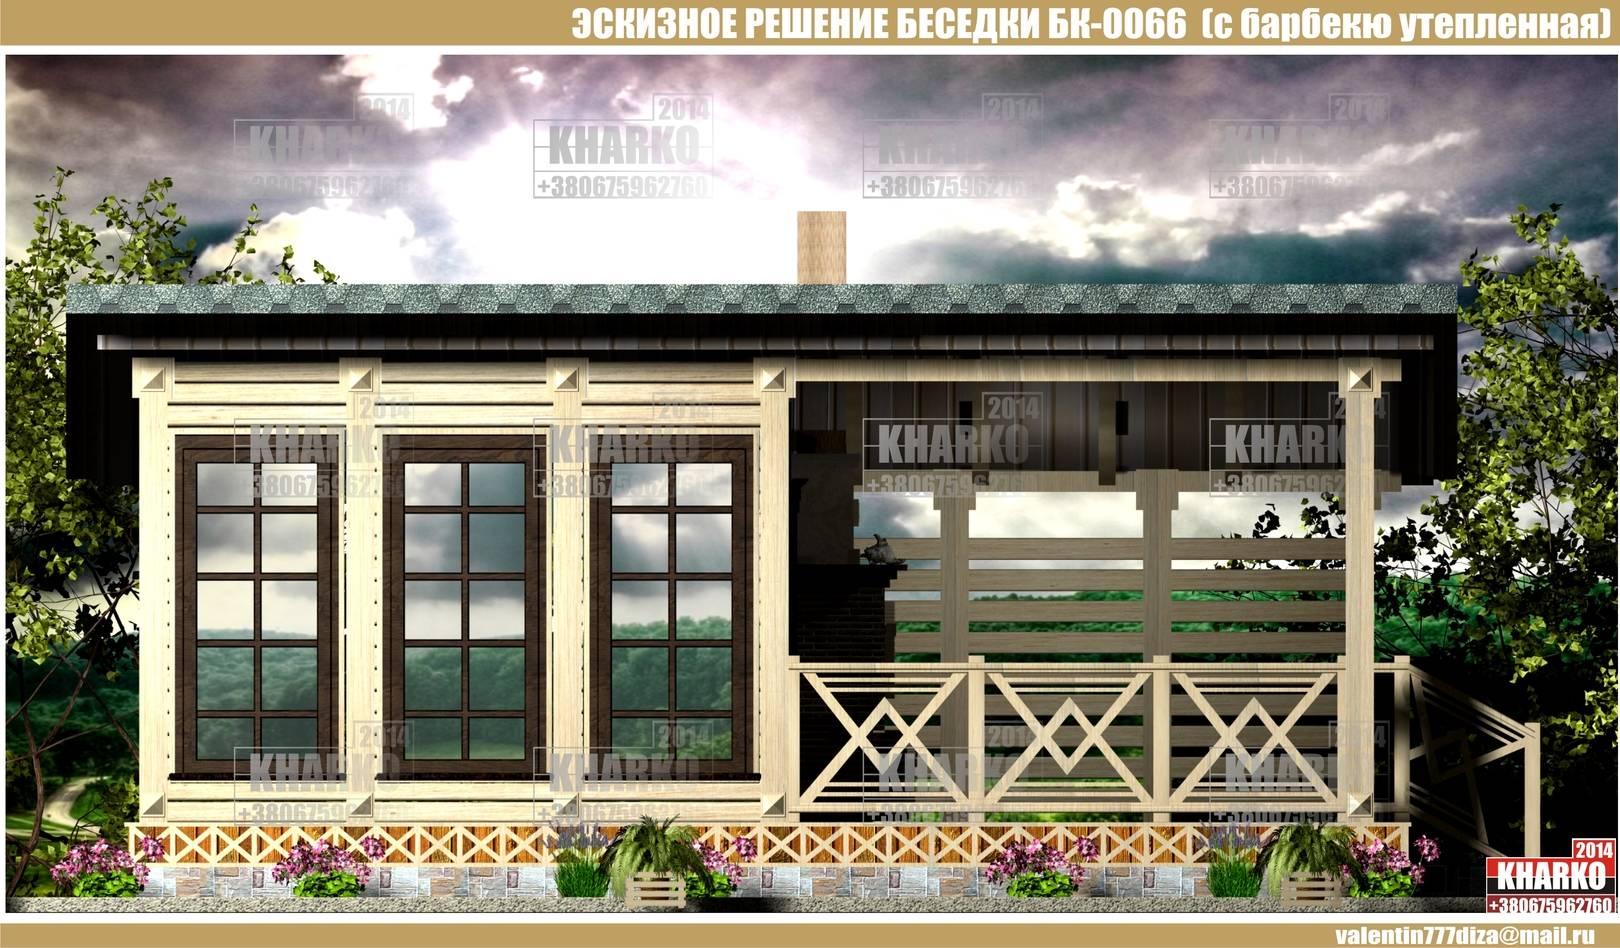 проект беседки БК-0066, утепленная (с барбекю ),project pergola, gazebo, shed  общая площадь беседки- 45,7 м. кв. эксплуатируемая площадь беседки-42,2 м.кв. габаритные размеры - 5,2 м. на 8,8 м. Комната 18 м.кв., санузел, отопление тип фундамента-монолитный ж/б материал наружной стены и опор-металл, труба, квадрат тип кровли- мягкая кровля Наружная отделка цоколя -декоративный камень Стоимость проекта- 1500 грн.